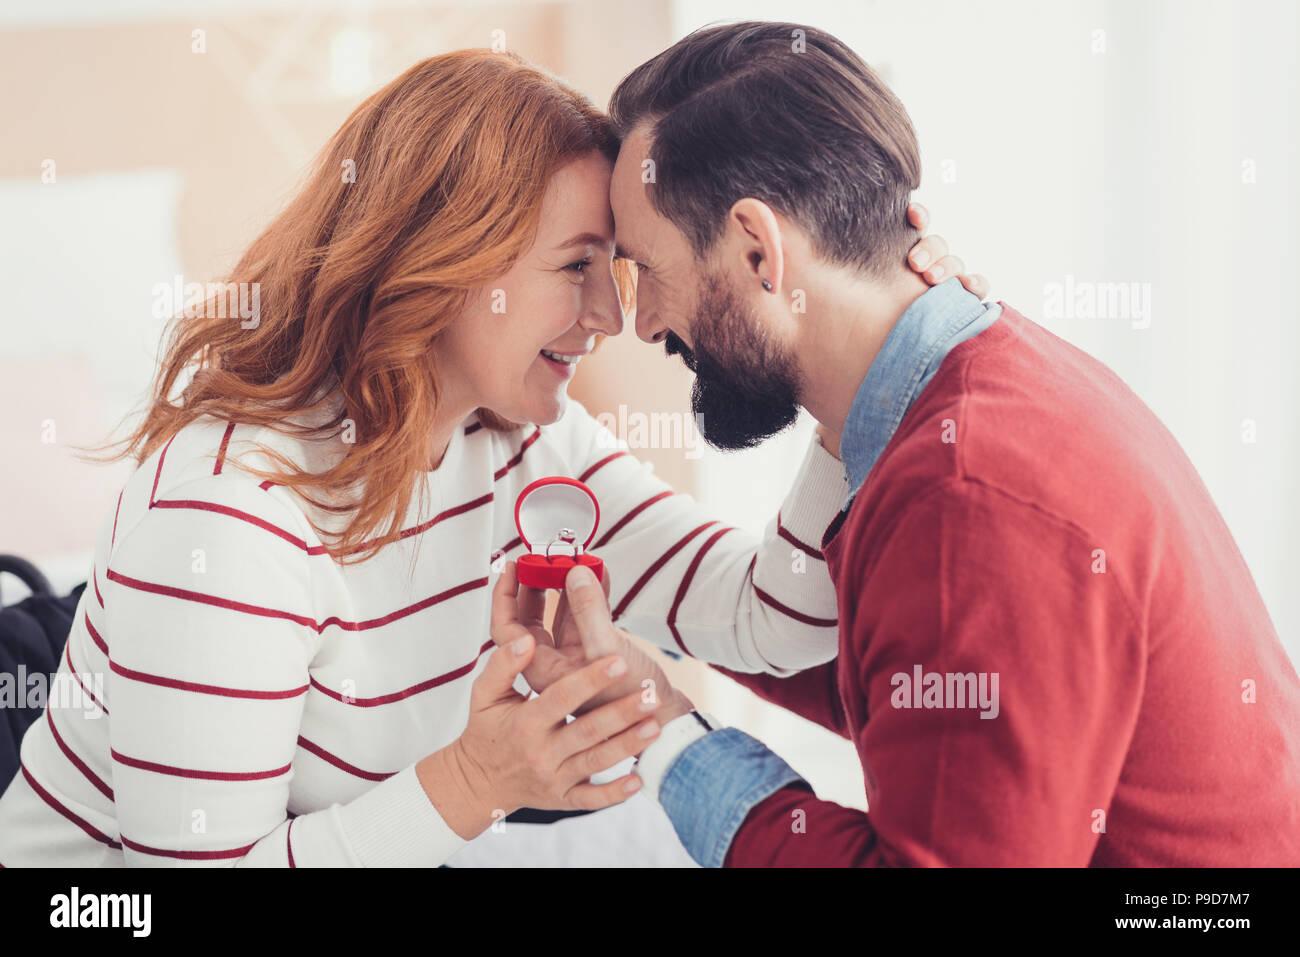 Mujer emocional sentirse feliz después de su amado hombre realizando una propuesta Imagen De Stock